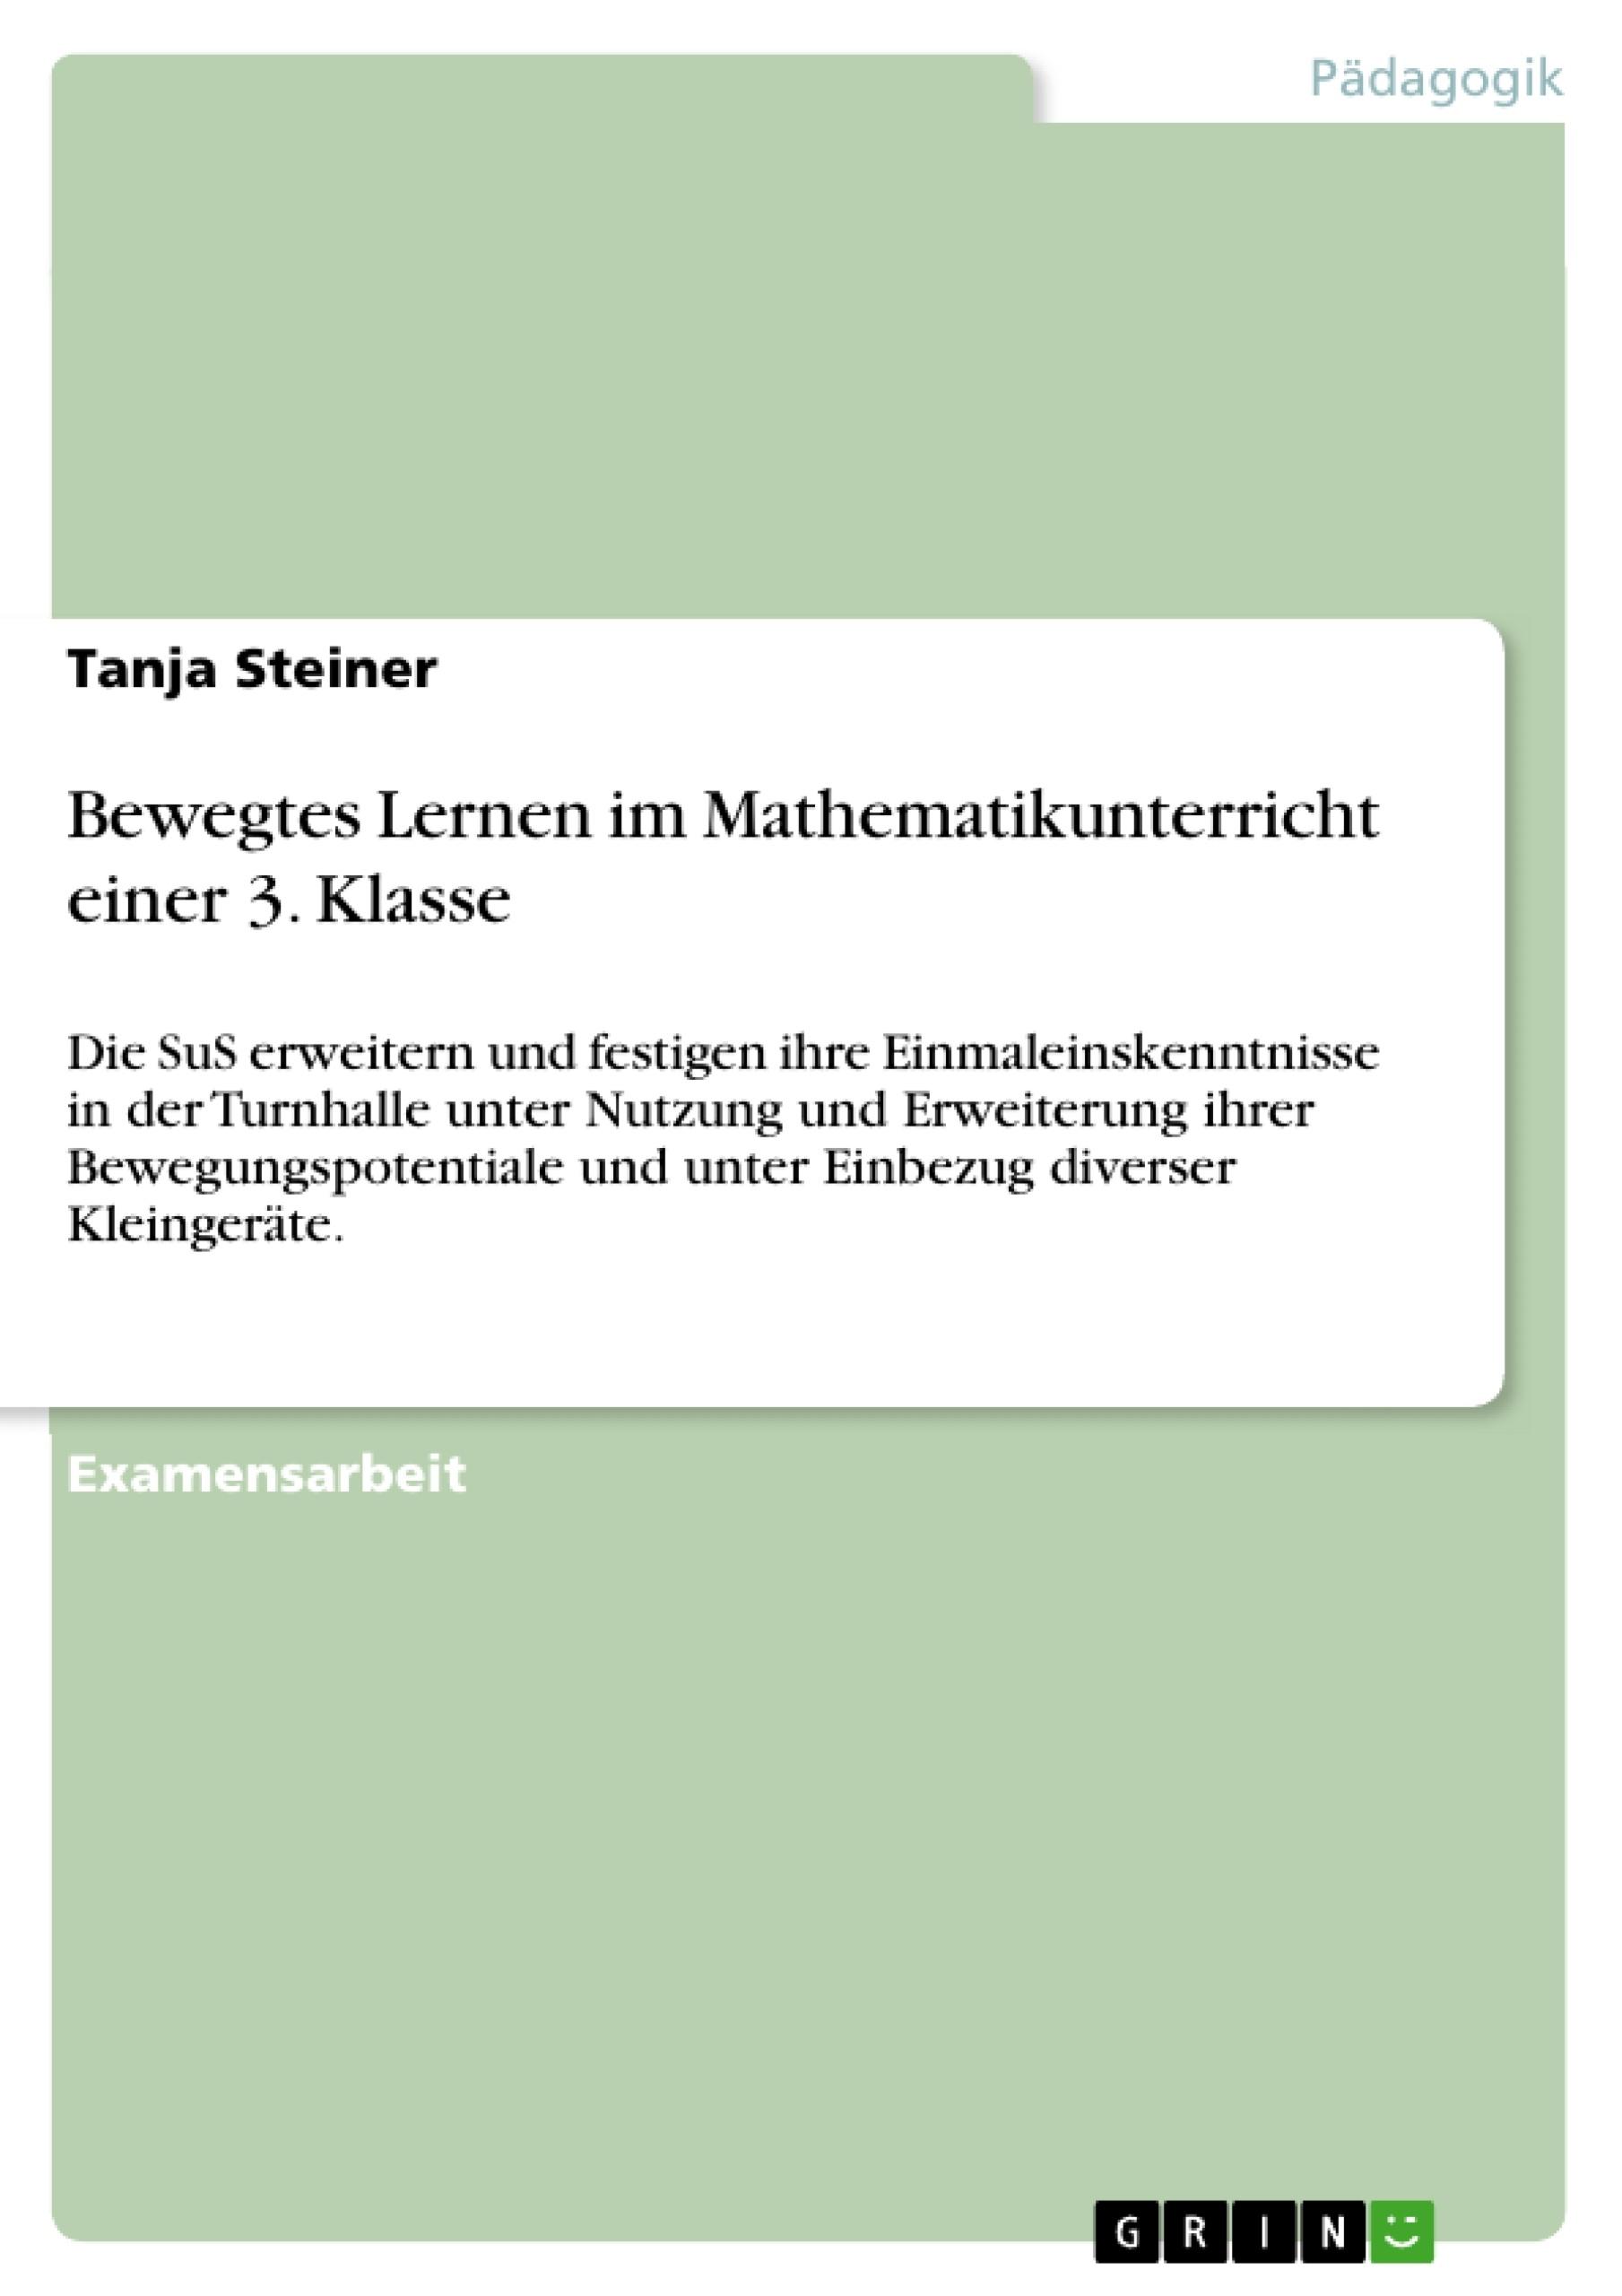 Titel: Bewegtes Lernen im Mathematikunterricht einer 3. Klasse